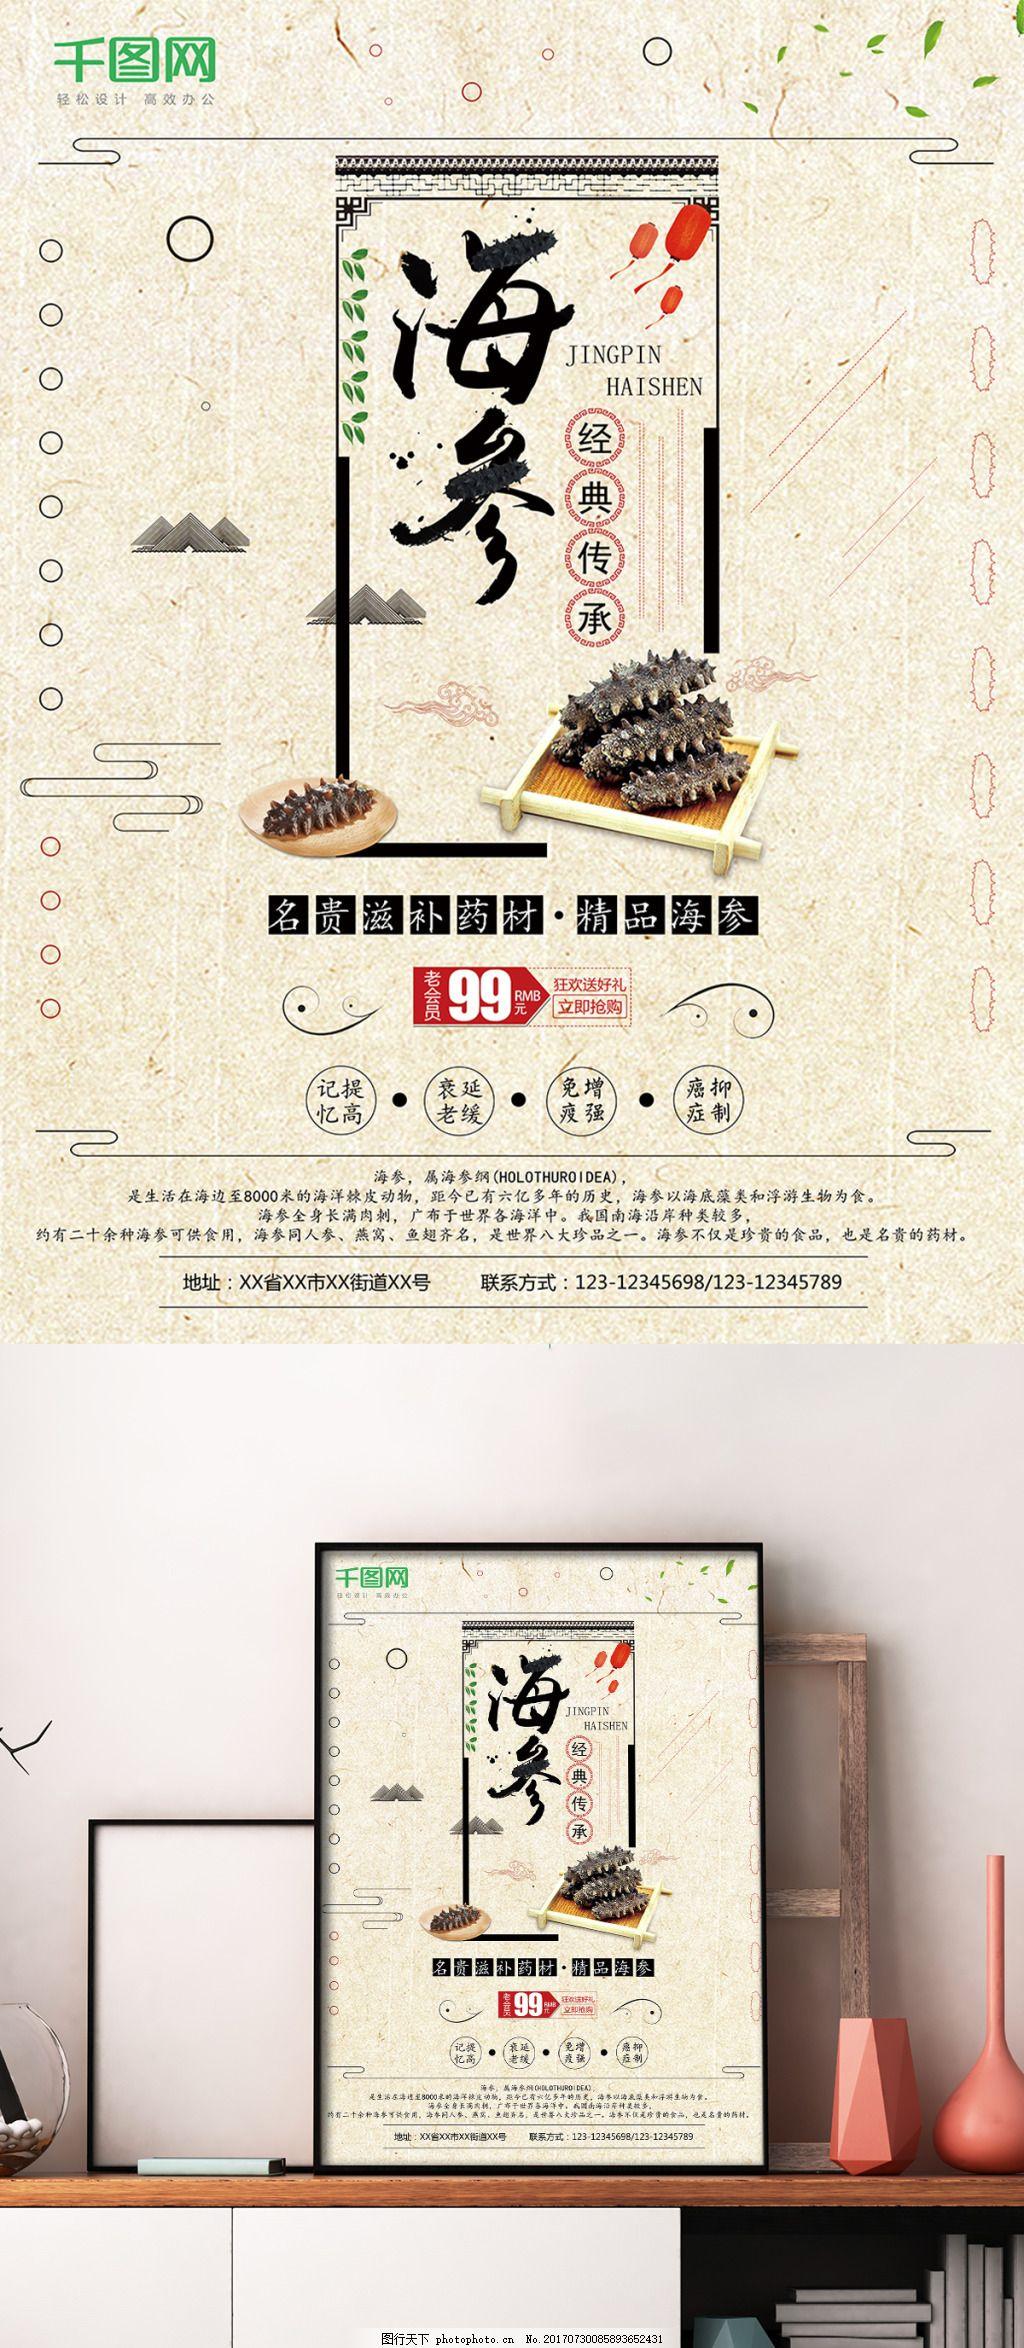 中国风海参促销宣传海报 海参促销海报 中药 养生 保健 美食 特色